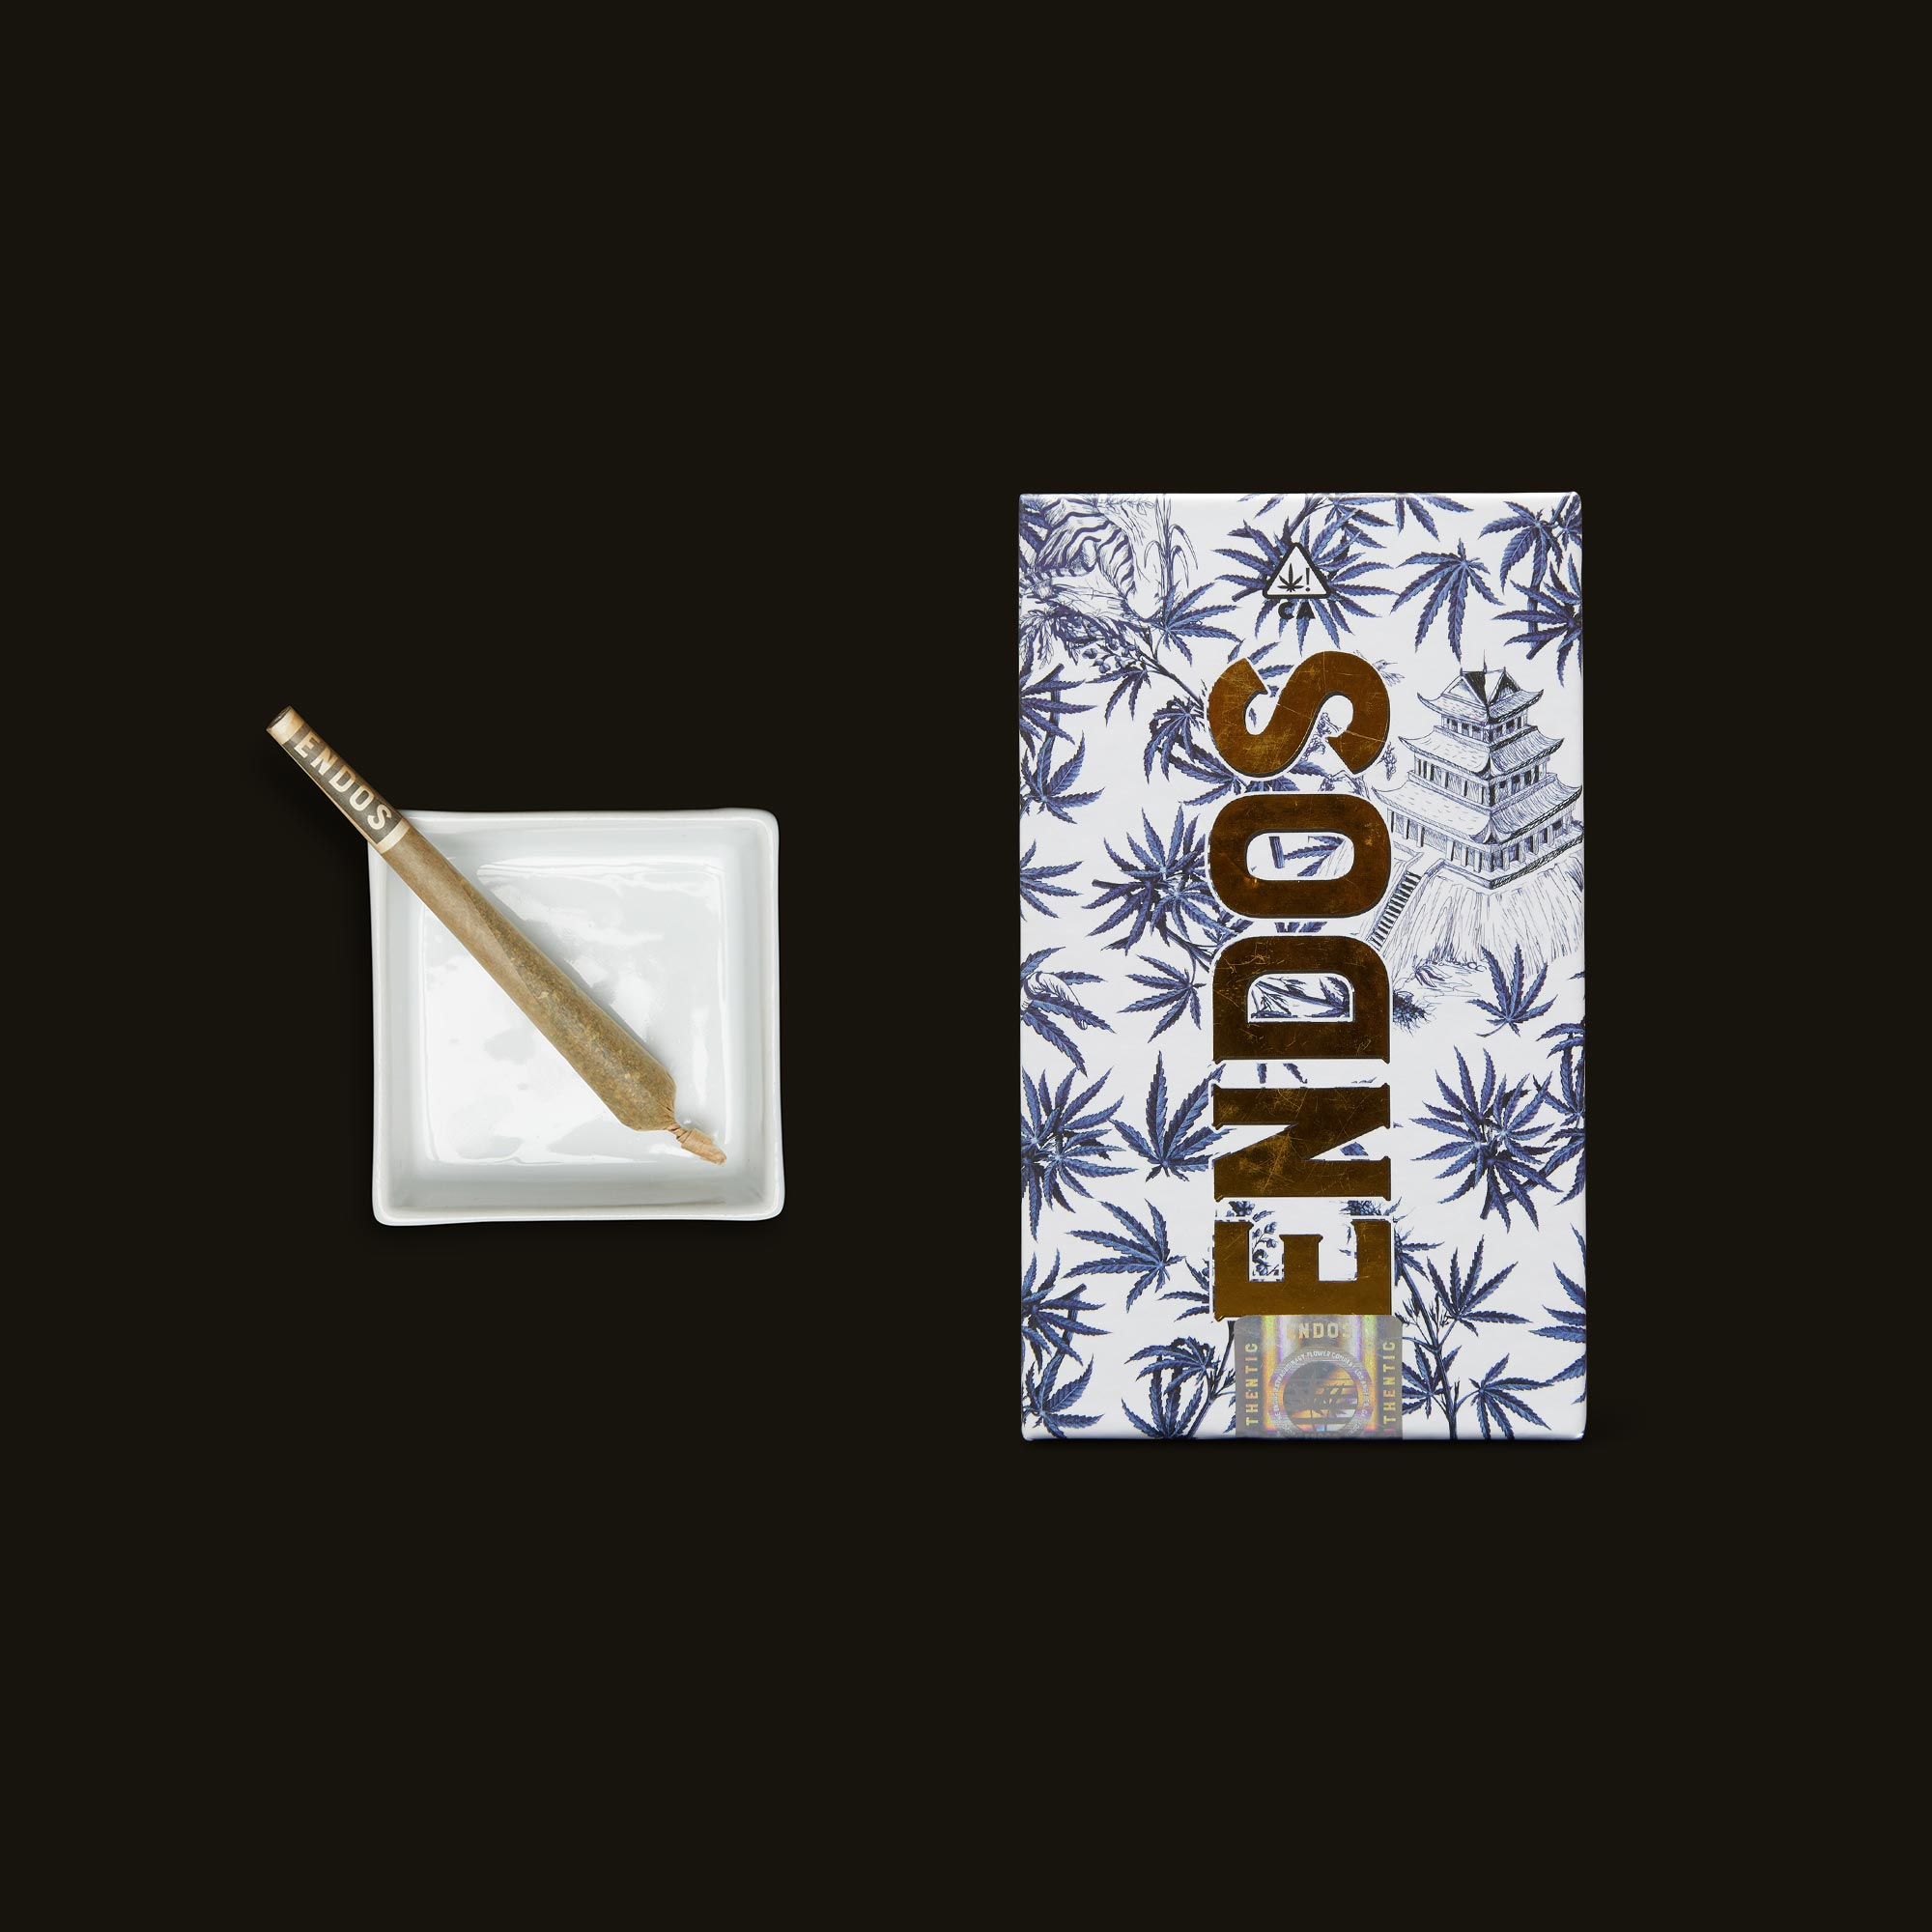 ENDOS Tahoe OG Pre-Roll 5-Pack